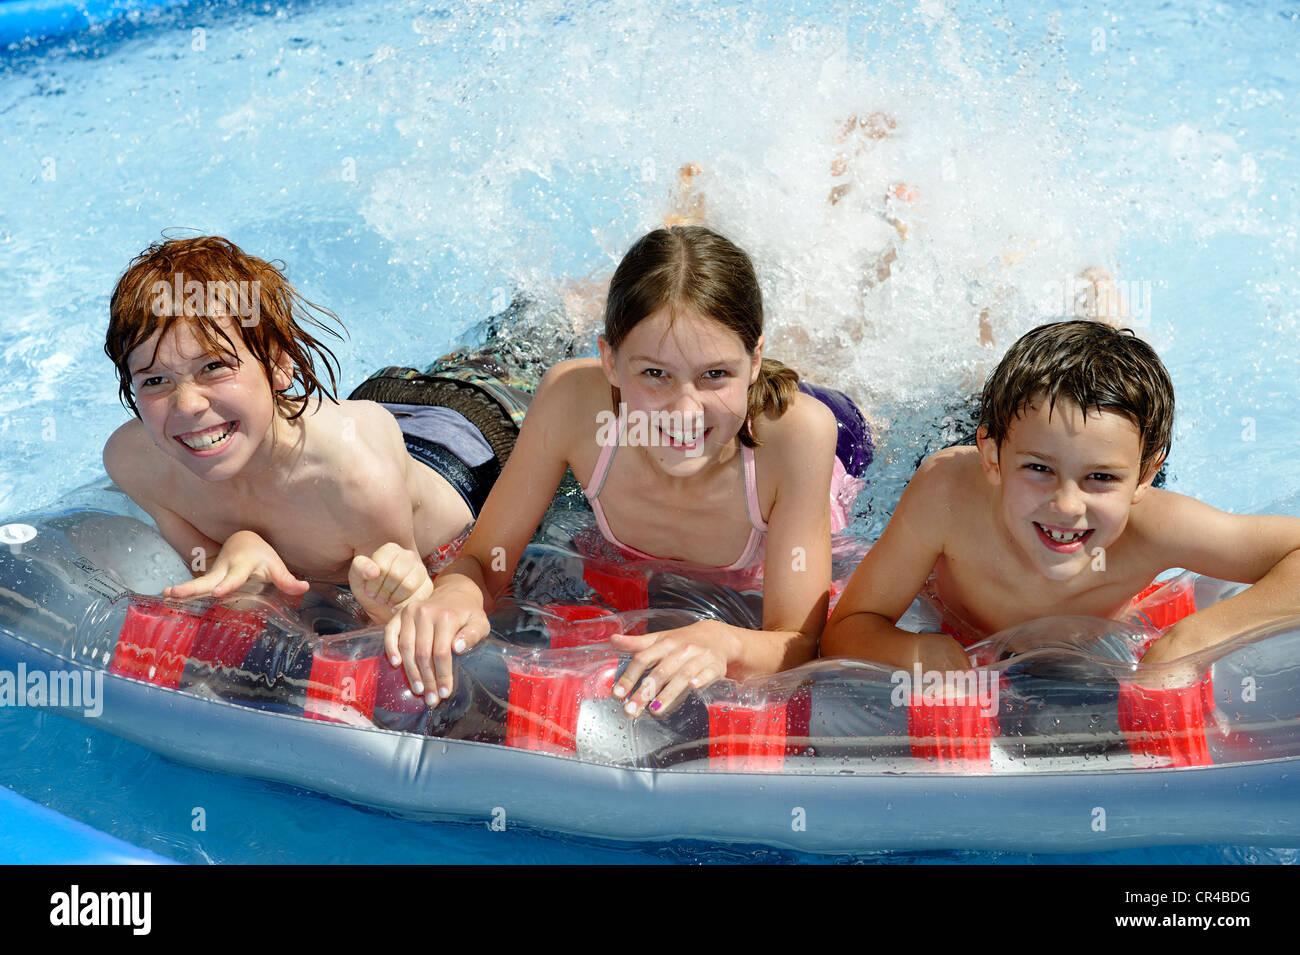 Kinder Plantschen Und Schwimmen In Einem Pool Wasserspiele Im Sommer